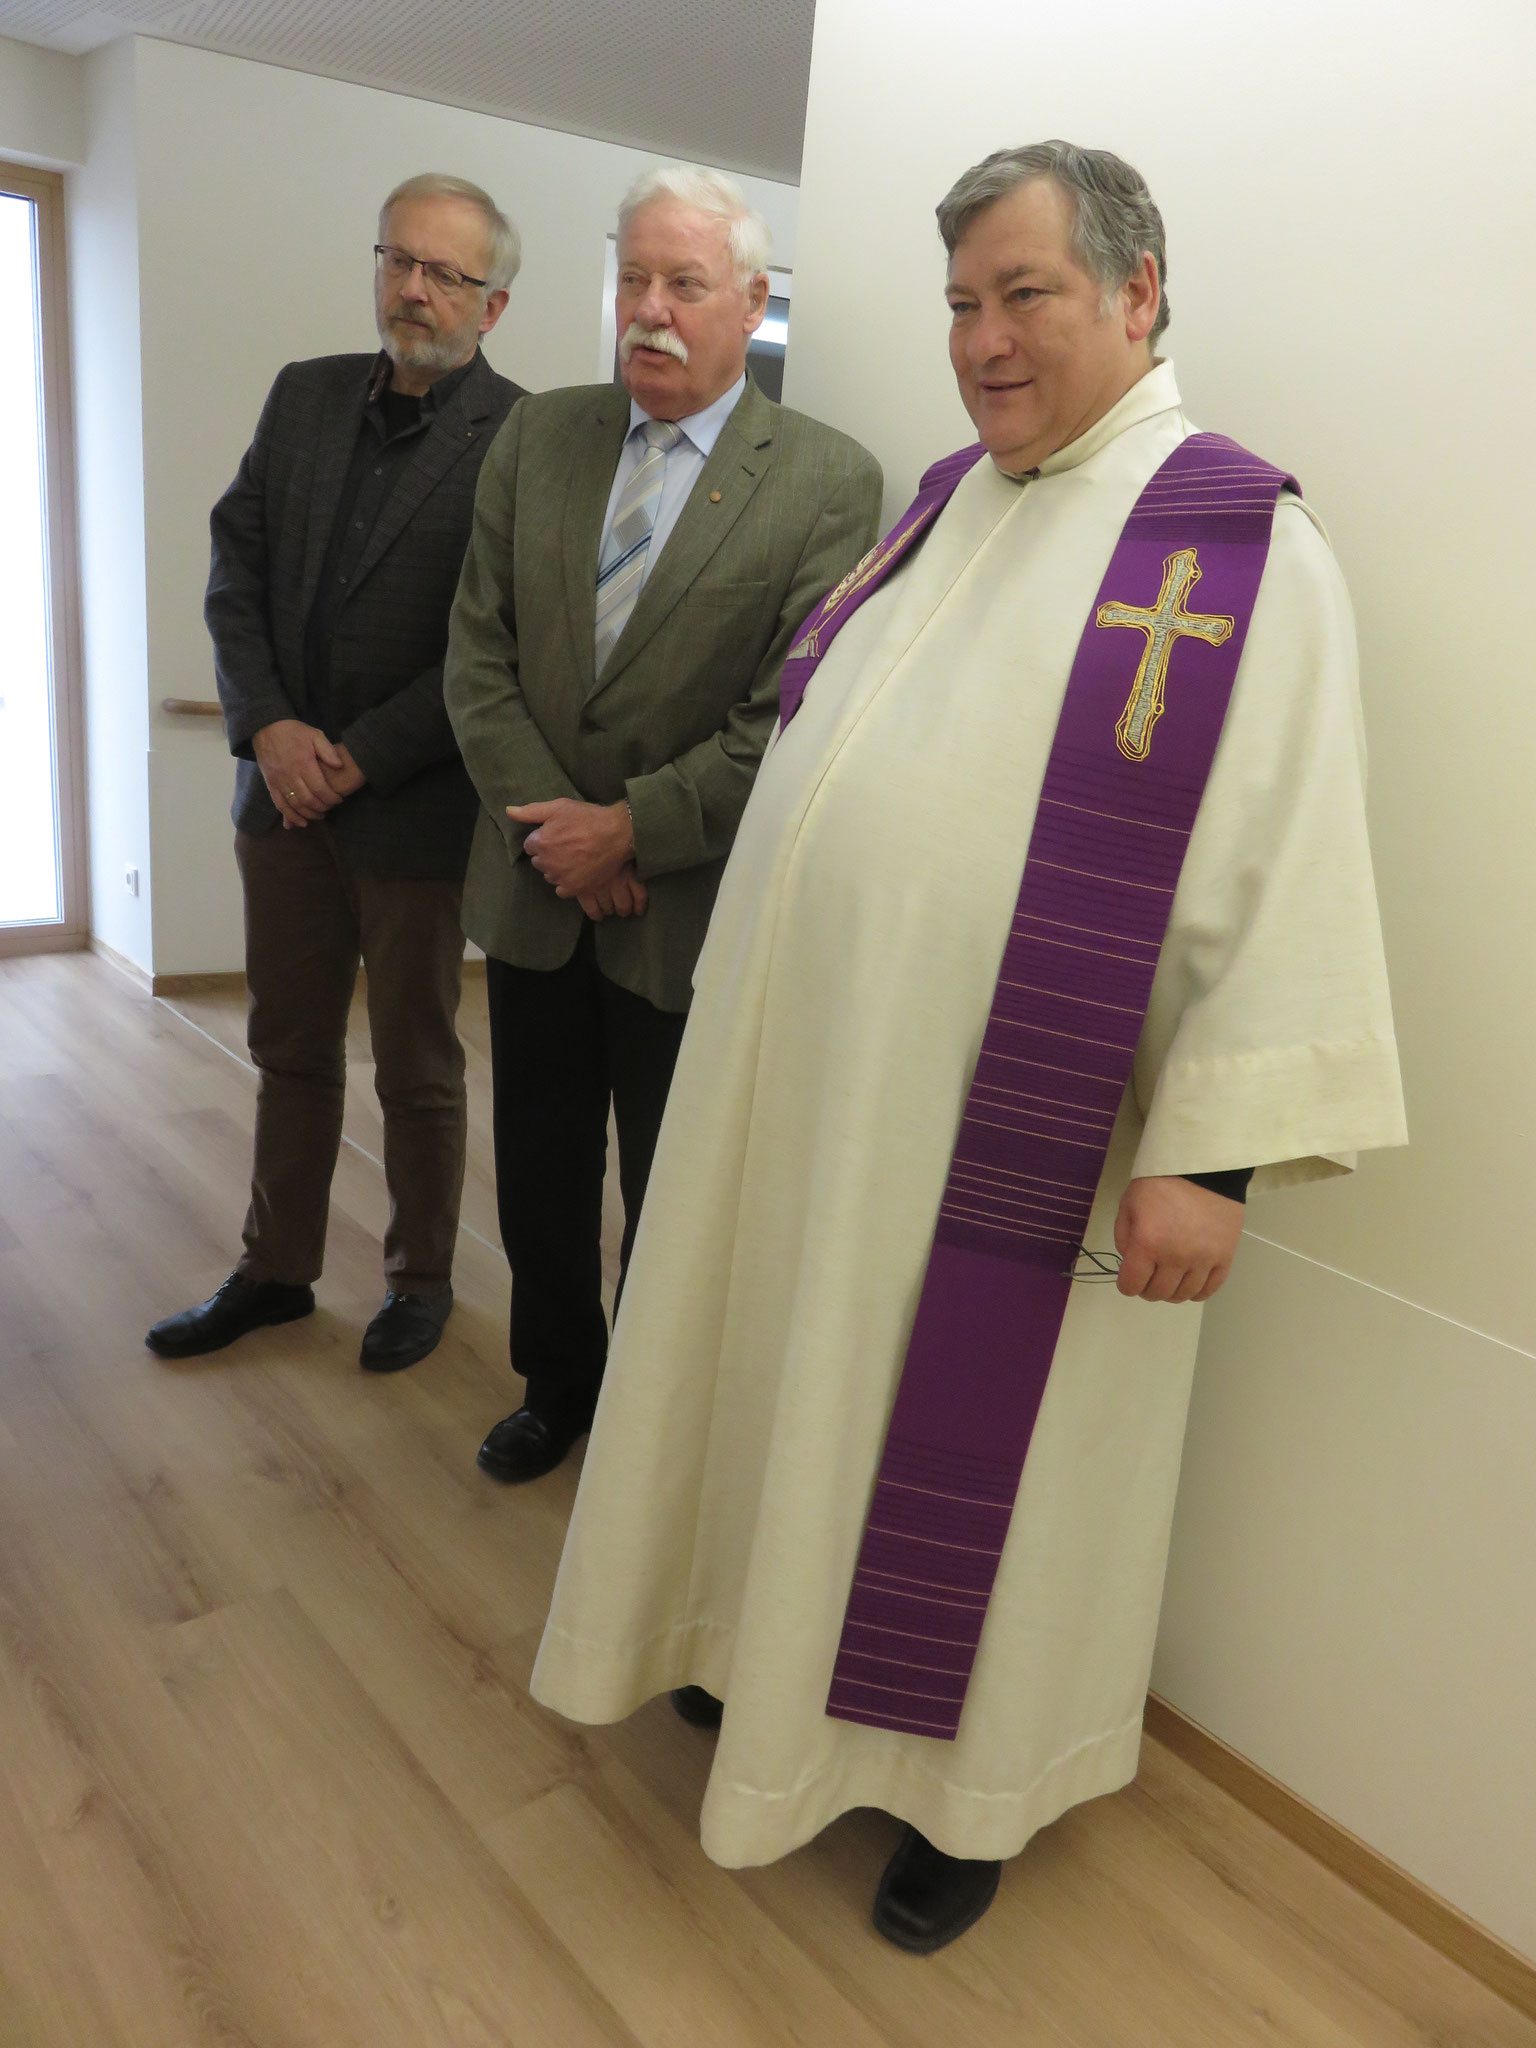 Der evangelische Pfarrer Dietmar Schuh, unser zweiter Bürgermeister und Pfarrer Mederer